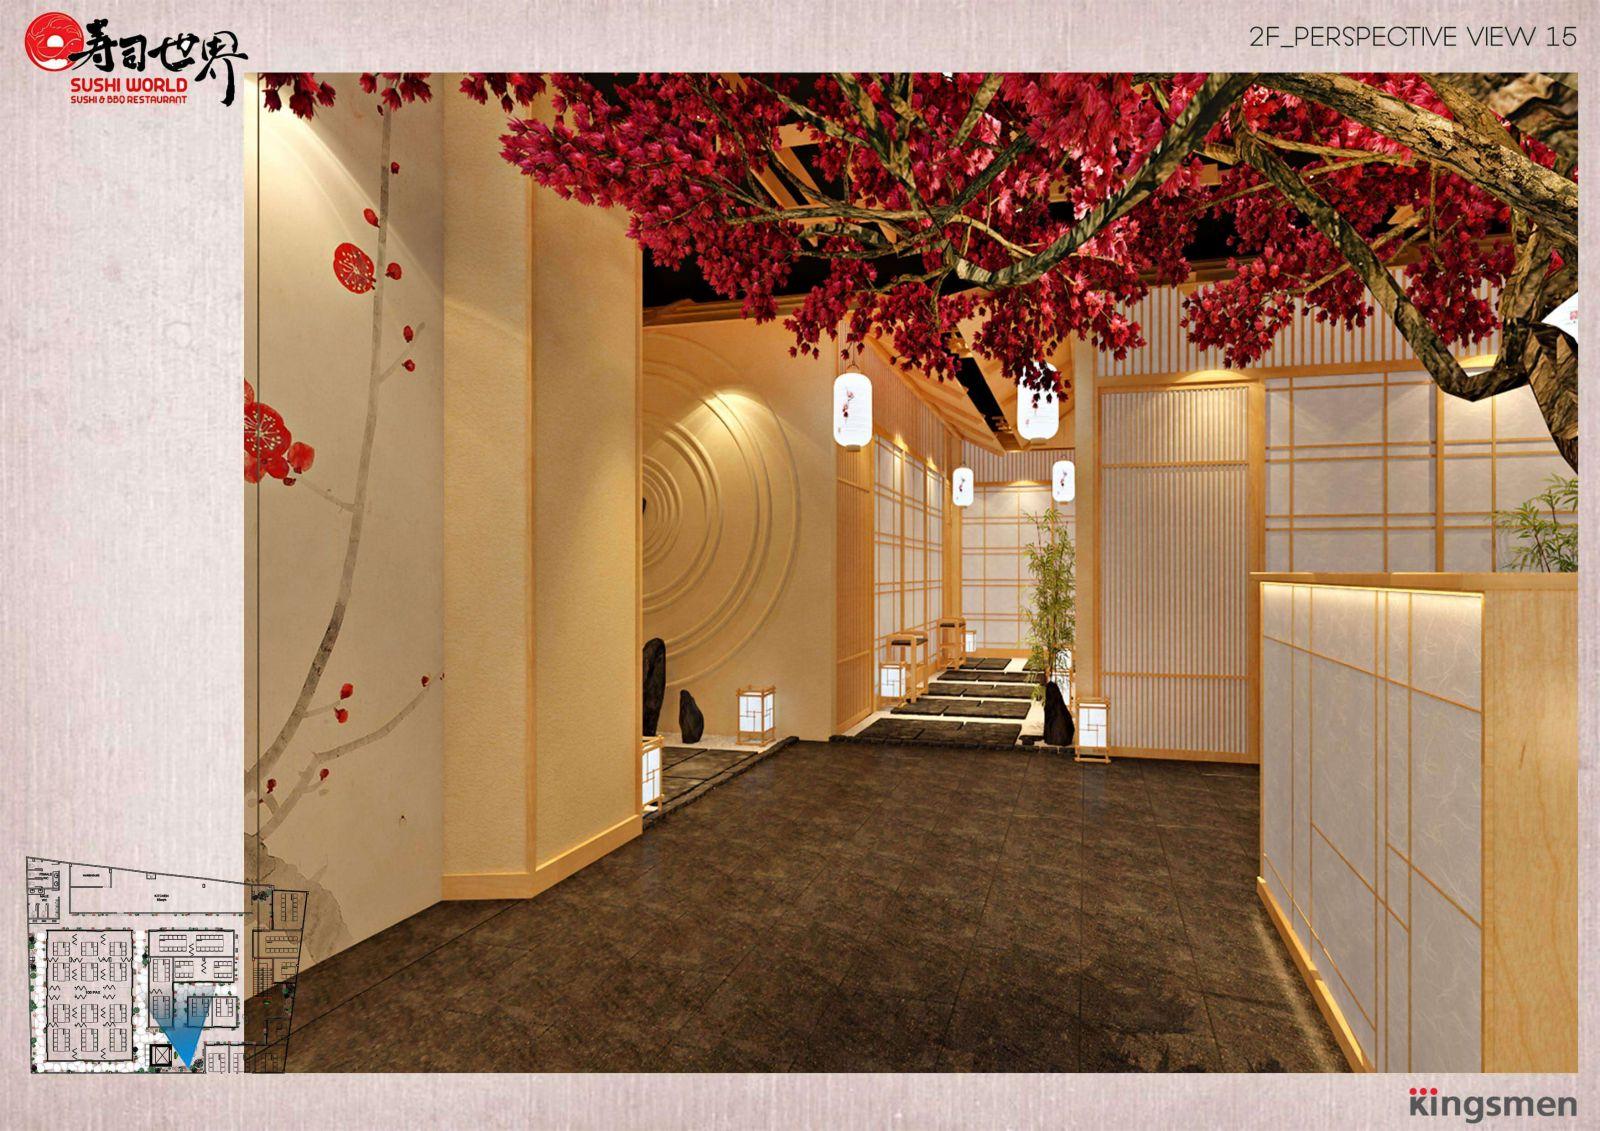 thiết kế khu vực cửa chính nhà hàng sushi world